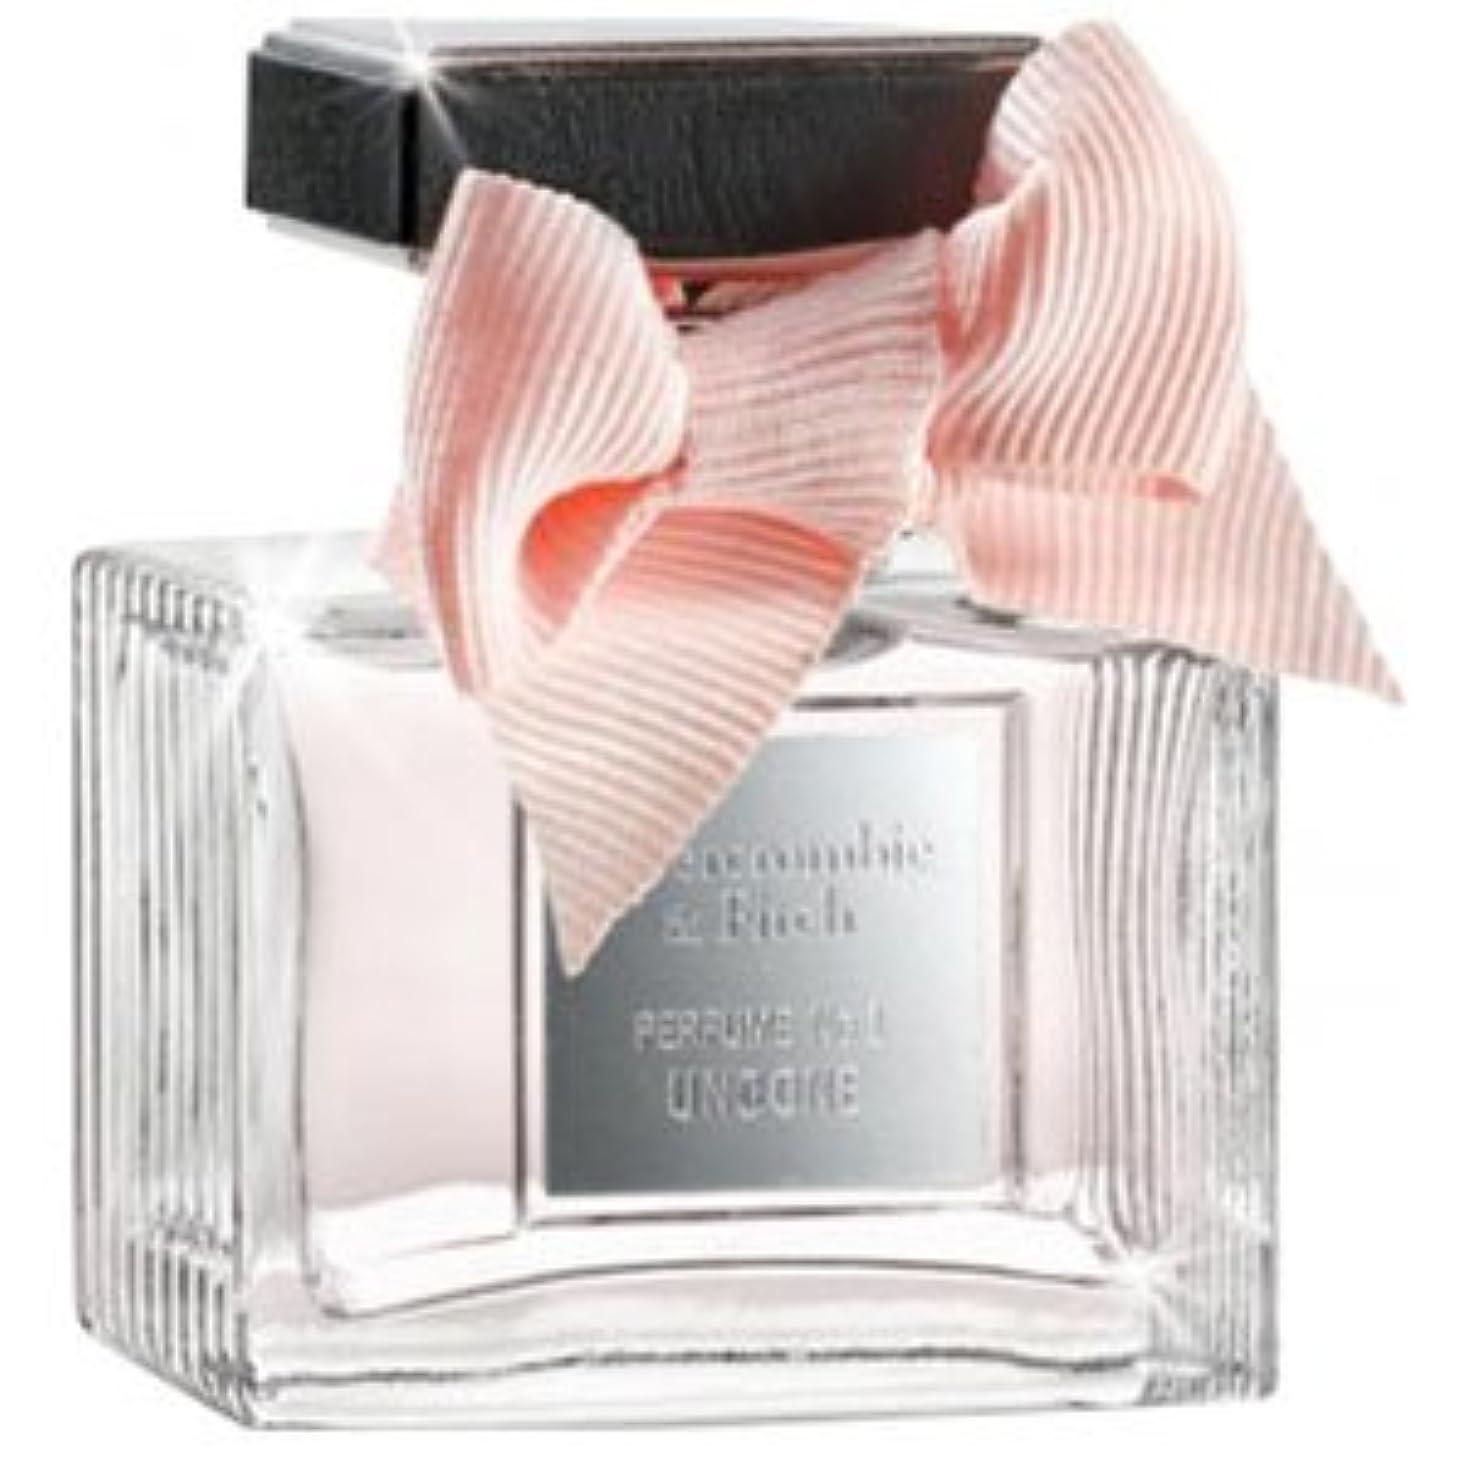 添付応援する悪化させるAbercrombie Perfume No.1 Undone (アバクロンベ フィッチ No.1 アンダン) 1.7 oz (50ml) EDTSpray for Women